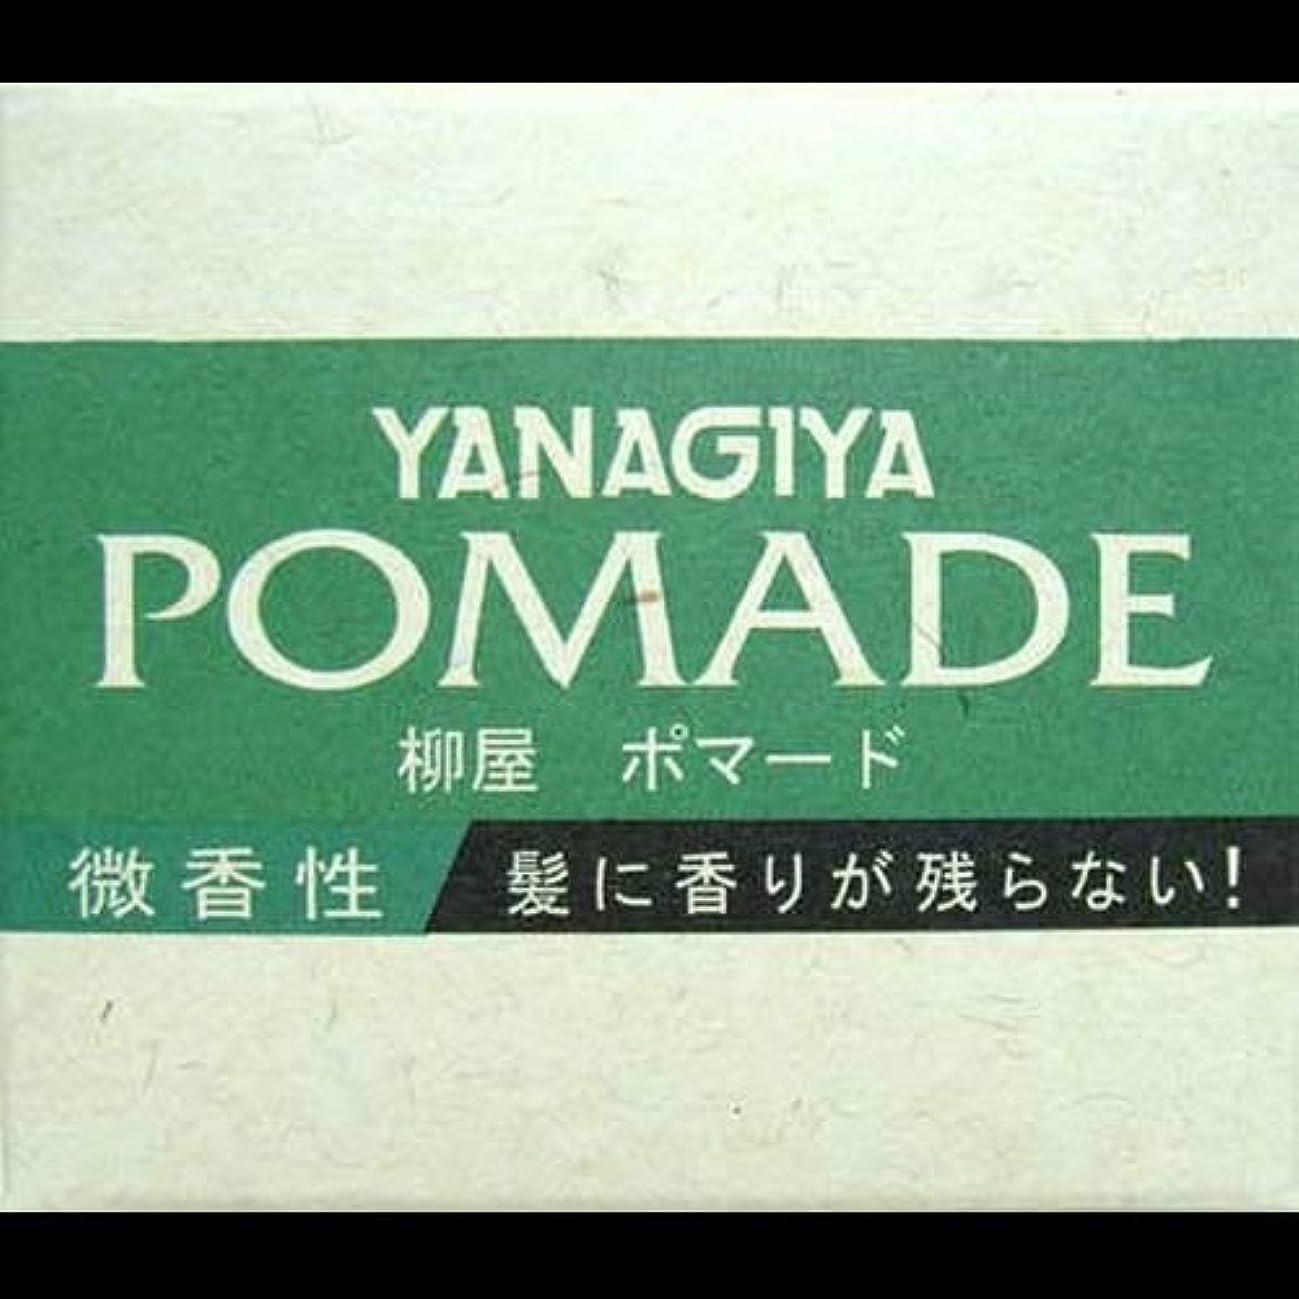 辞書分数無謀【まとめ買い】柳屋 ポマード微香性120g ×2セット